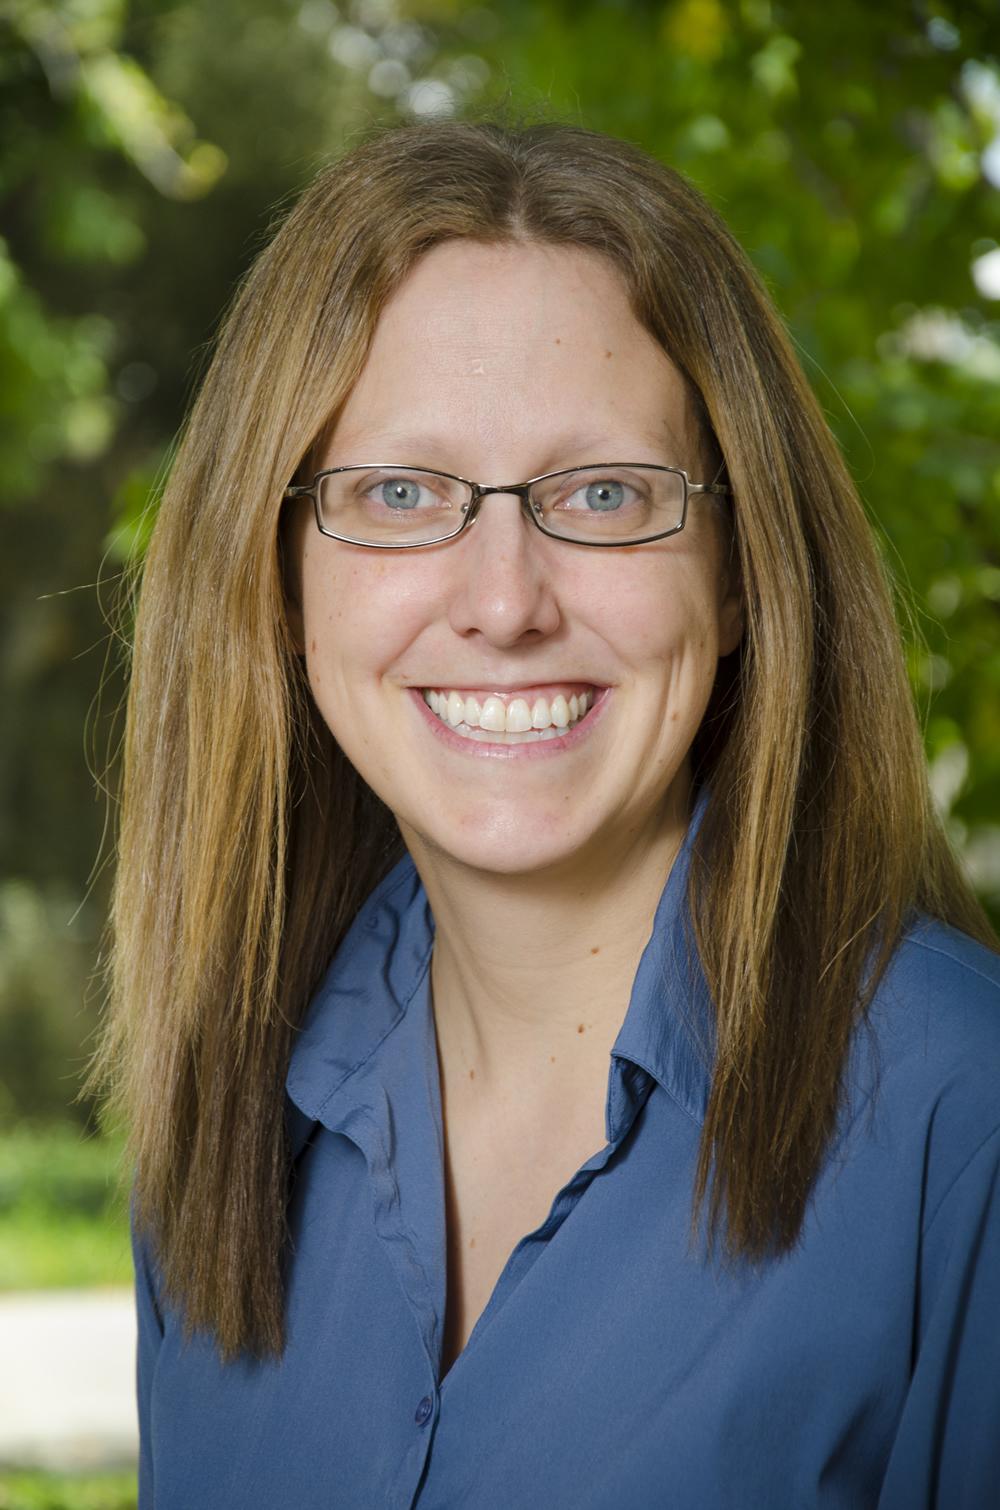 Colleen Lewis, assistant professor of computer science